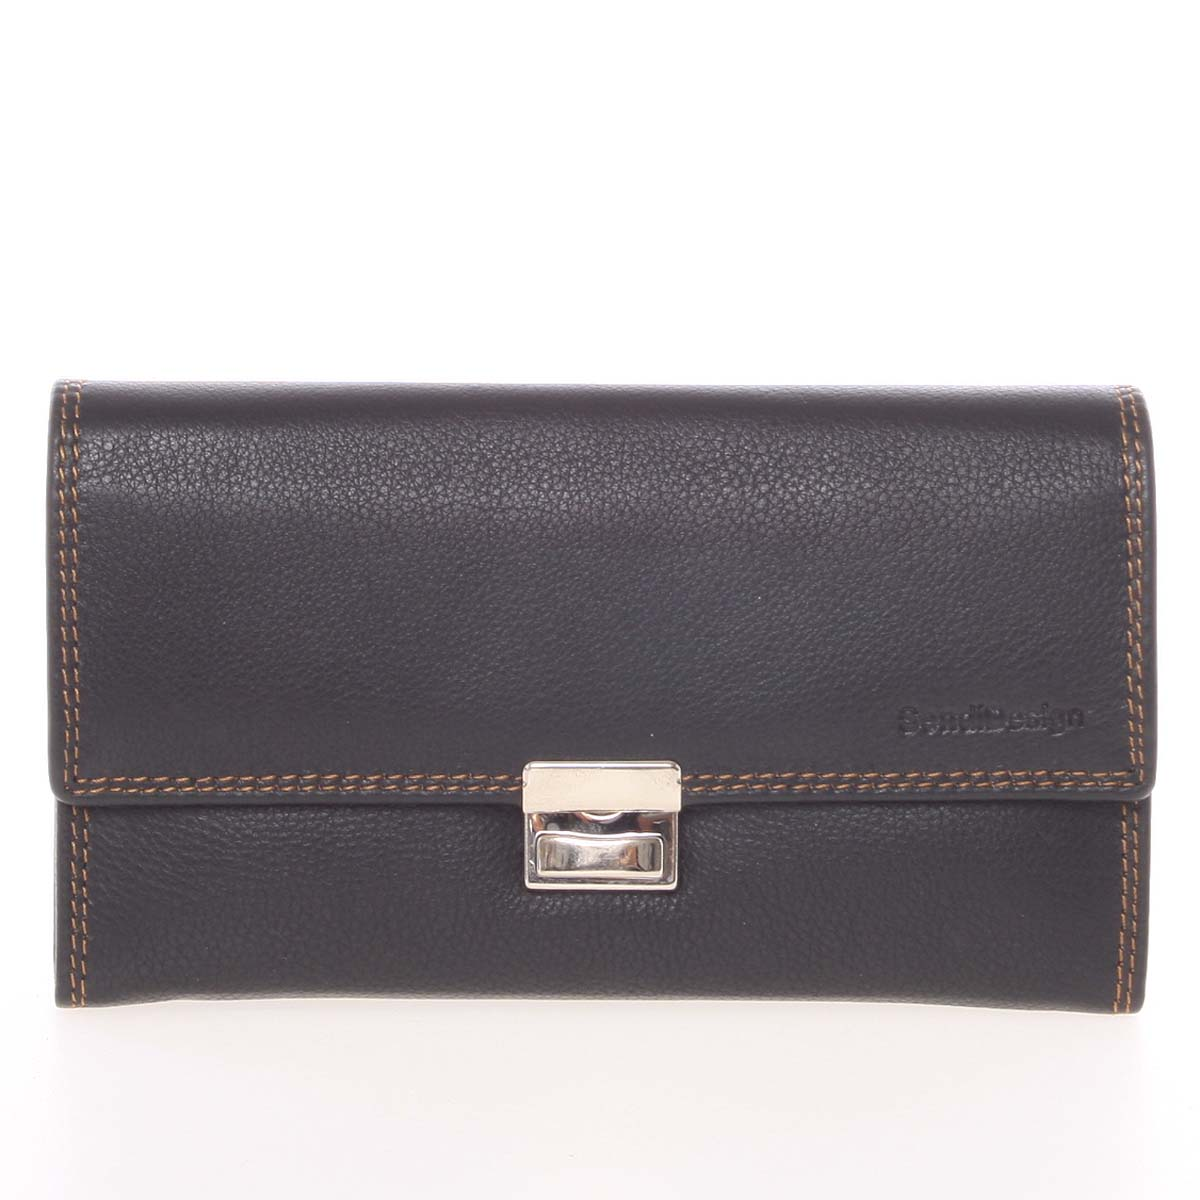 Luxusná veľká kožená prešívaná kasírtaška čierna - SendiDesign Basilea